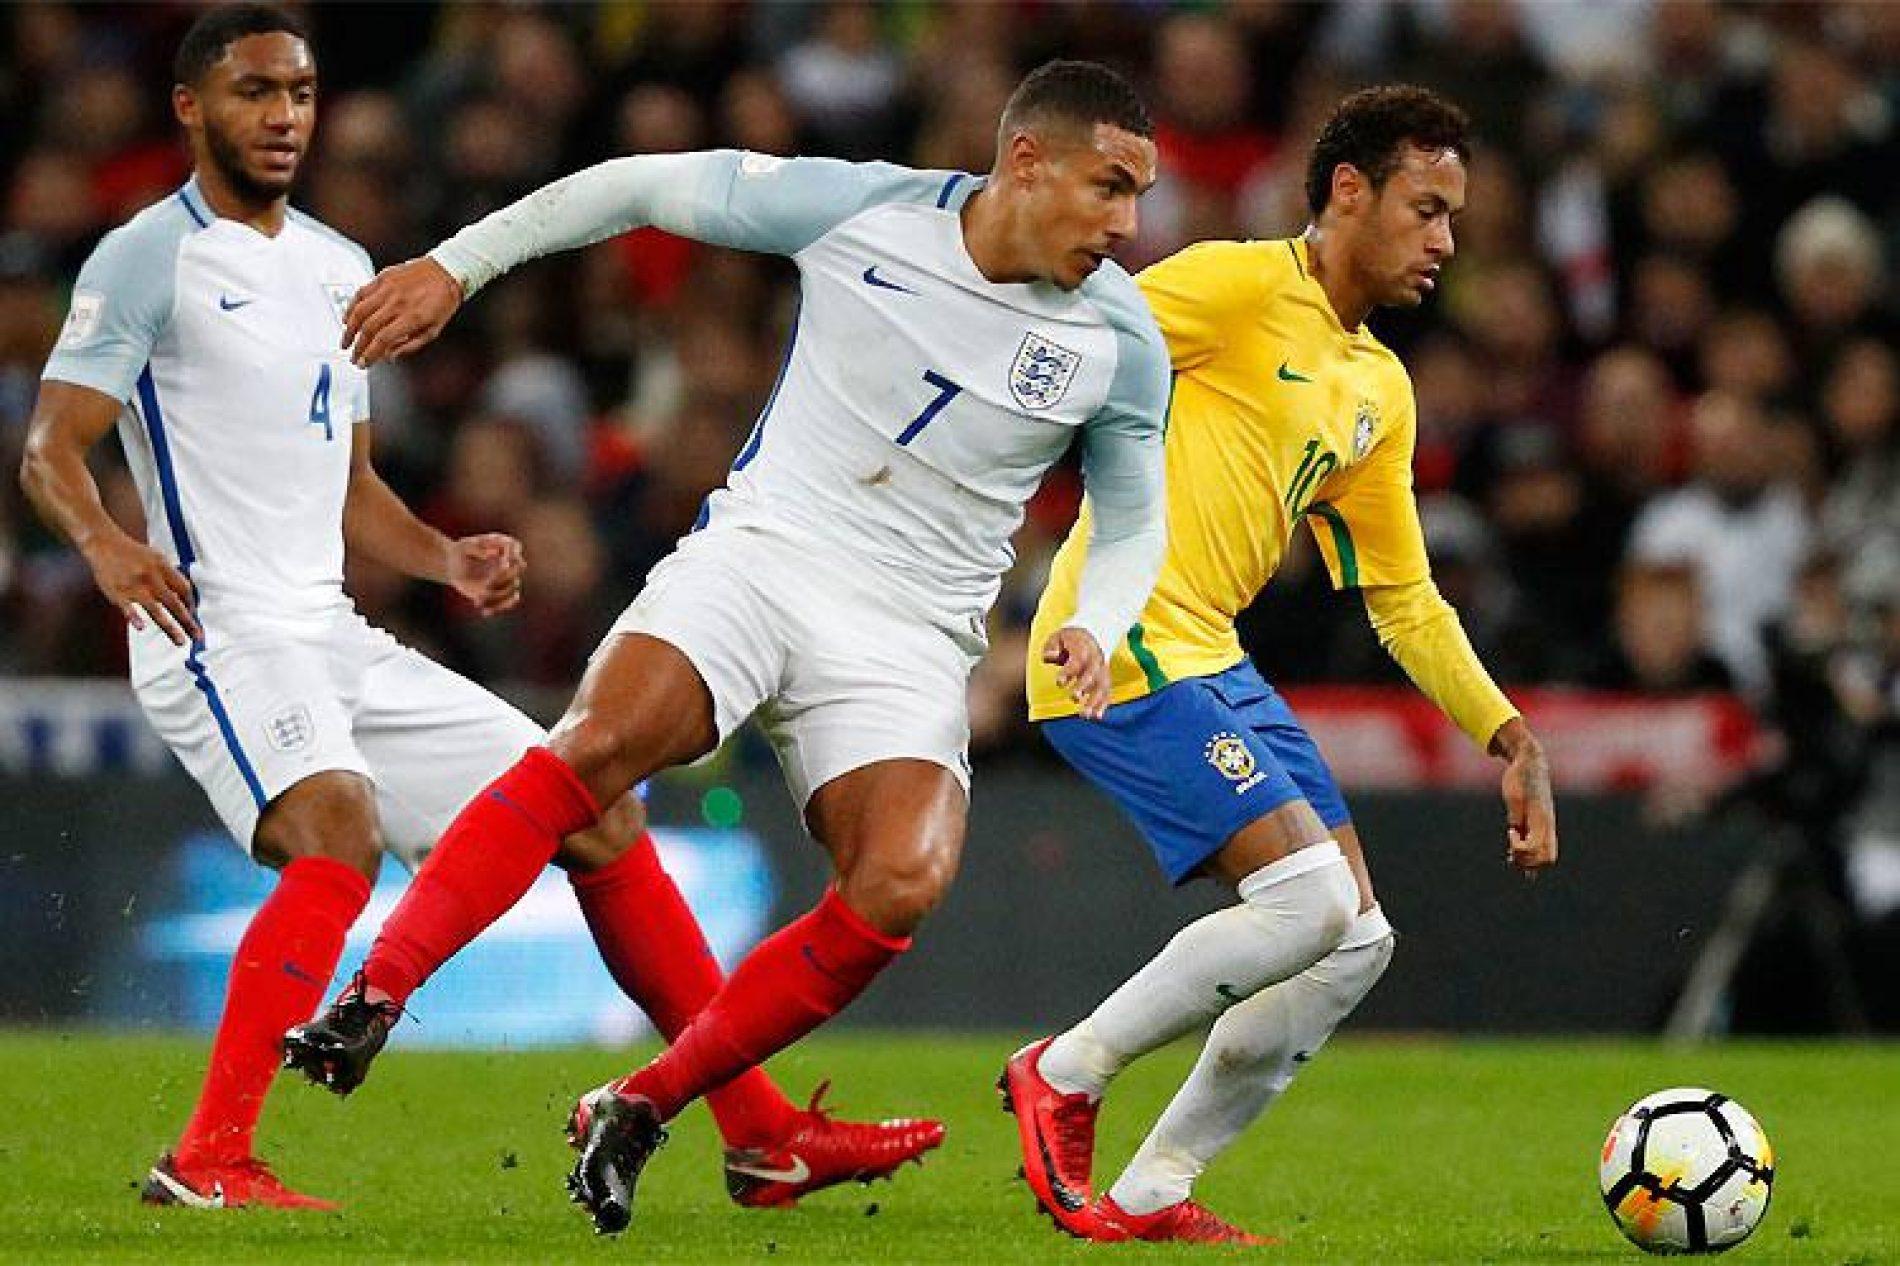 Brasil esbarra em rígida defesa e fica no empate com Inglaterra em Wembley